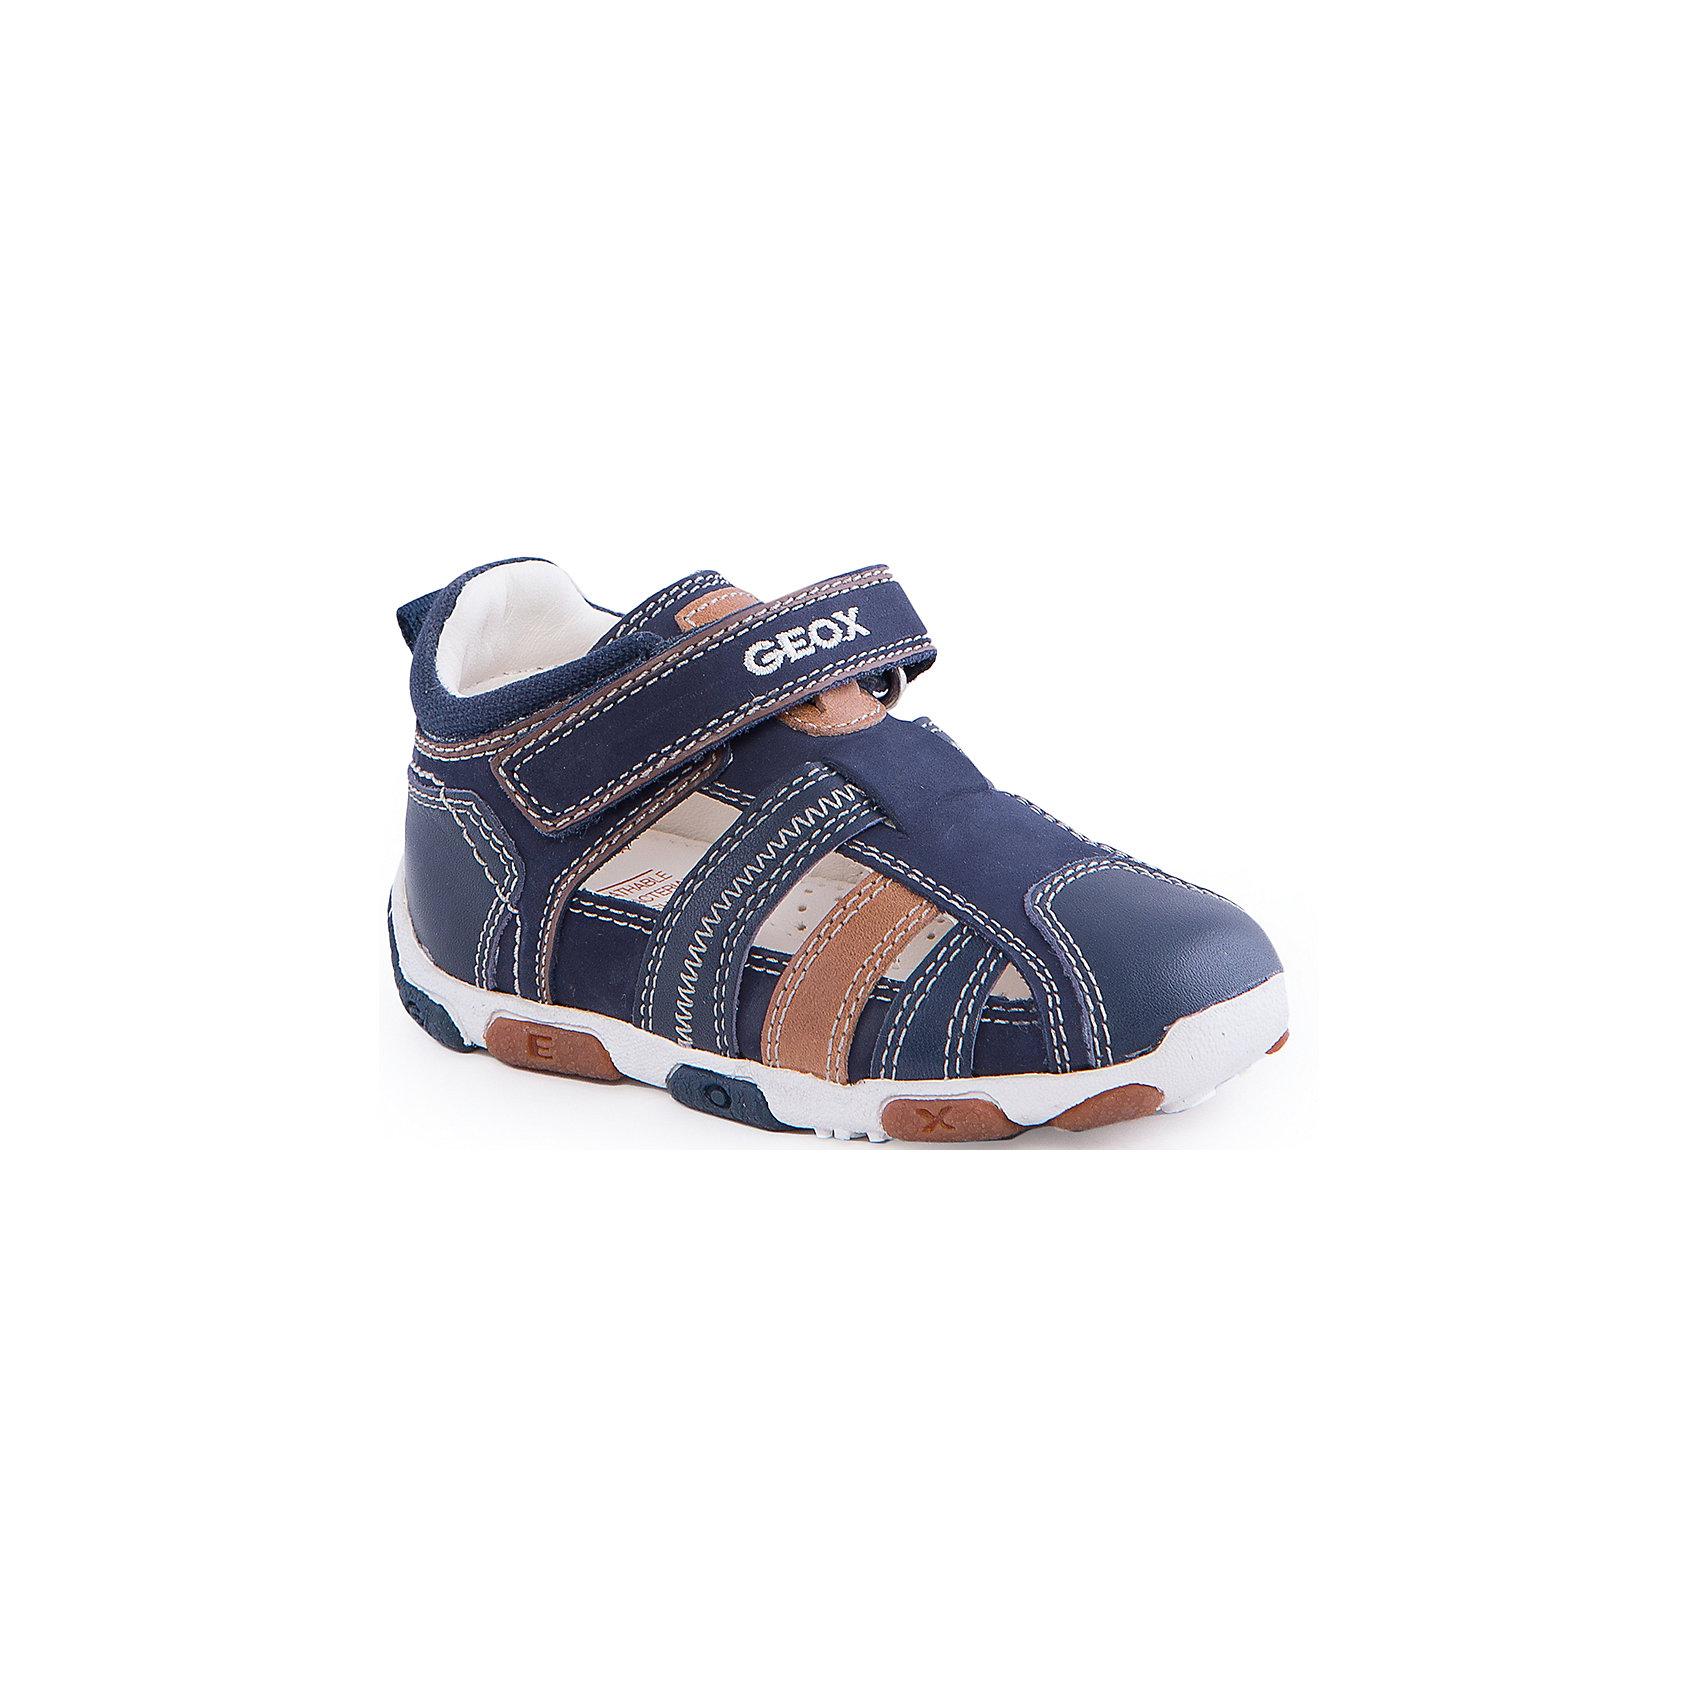 Сандалии для мальчика GEOXСандалии для мальчика от популярной марки GEOX (Геокс).<br><br>В стильных сандалиях из натуральной кожи ребенок будет выглядеть модно, а чувствовать себя - комфортно!<br>Производитель обуви заботится не только о внешнем виде, но и стабильно высоком качестве продукции. GEOX (Геокс) разработал специальную дышащую подошву, которая не пропускает влагу внутрь, а также высокотехнологичную стельку.<br><br>Отличительные особенности модели:<br><br>- цвет: синий;<br>- декорированы белыми и коричневыми элементами, прострочкой;<br>- гибкая водоотталкивающая подошва с дышащей мембраной;<br>- мягкий и легкий верх;<br>- защита пальцев и пятки;<br>- стильный дизайн;<br>- удобная застежка-липучка;<br>- комфортное облегание;<br>- верх обуви и подкладка сделаны без использования хрома.<br><br>Дополнительная информация:<br><br>- Состав:<br><br>материал верха: натуральная кожа<br>материал подкладки: натуральная кожа<br>подошва: резина<br><br>Сандалии для мальчика GEOX (Геокс) (Геокс) можно купить в нашем магазине.<br><br>Ширина мм: 262<br>Глубина мм: 176<br>Высота мм: 97<br>Вес г: 427<br>Цвет: синий<br>Возраст от месяцев: 12<br>Возраст до месяцев: 15<br>Пол: Мужской<br>Возраст: Детский<br>Размер: 21,22,19,20,23,24,25<br>SKU: 4519242